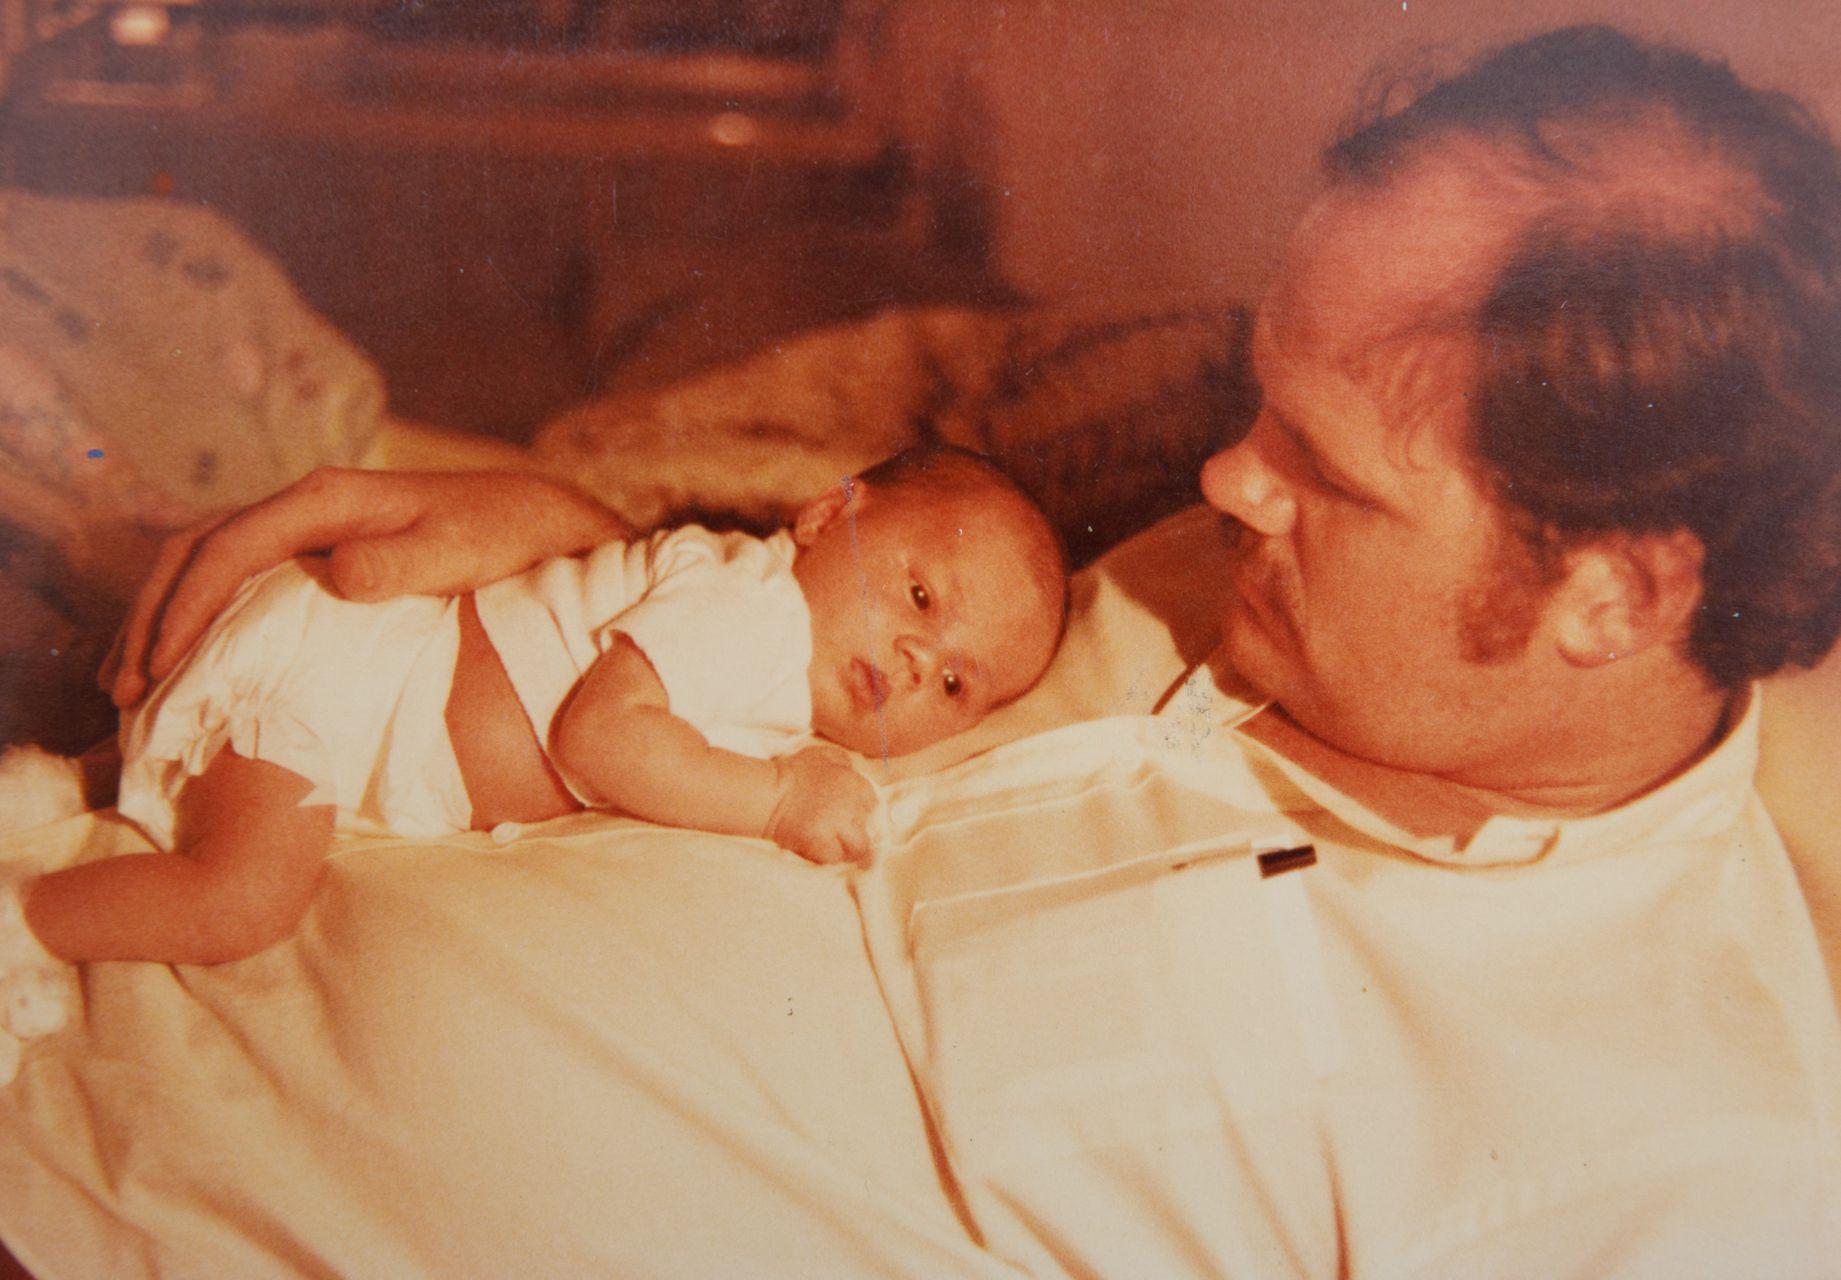 HIT! NOWE, niepublikowane NIGDY zdjęcia z albumu rodzinnego Meghan Markle – pokazał je ojciec księżnej, Thomas